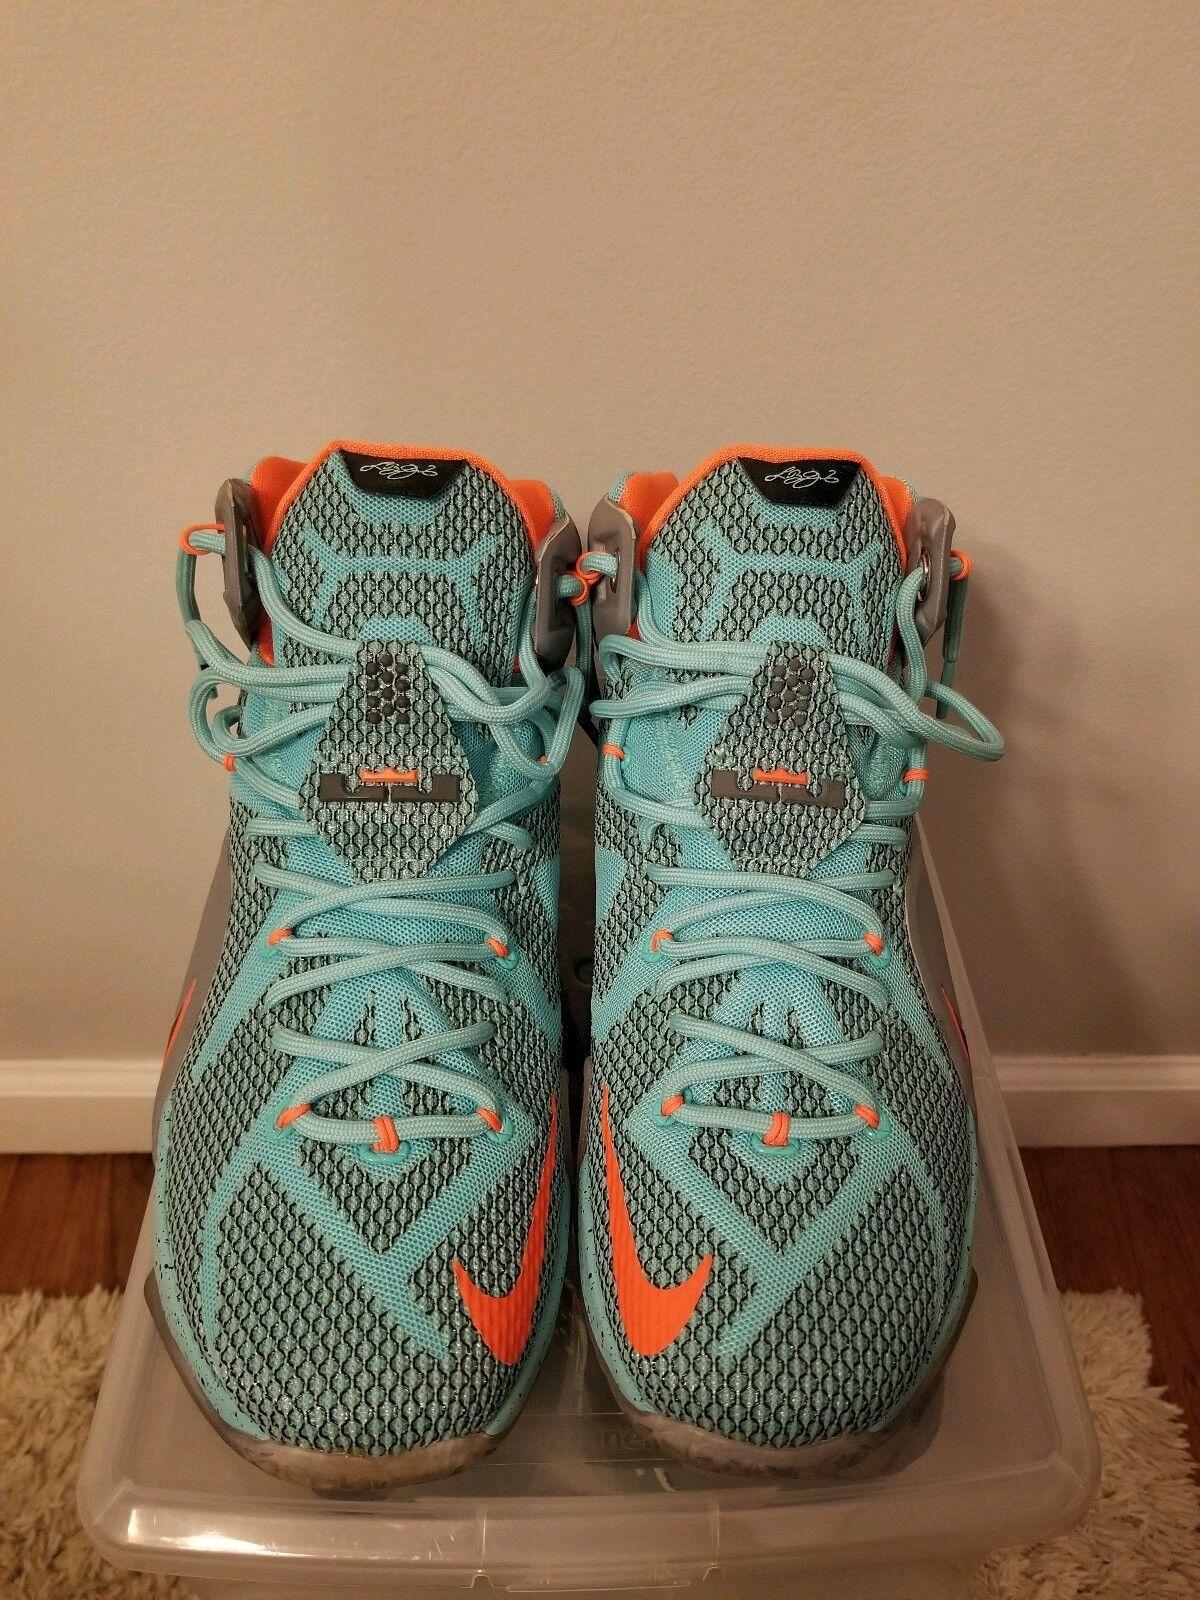 Nike LeBron 12 XII EP NSRL Hyper Turquoise Grey-orange 2014 707781-301 Rare